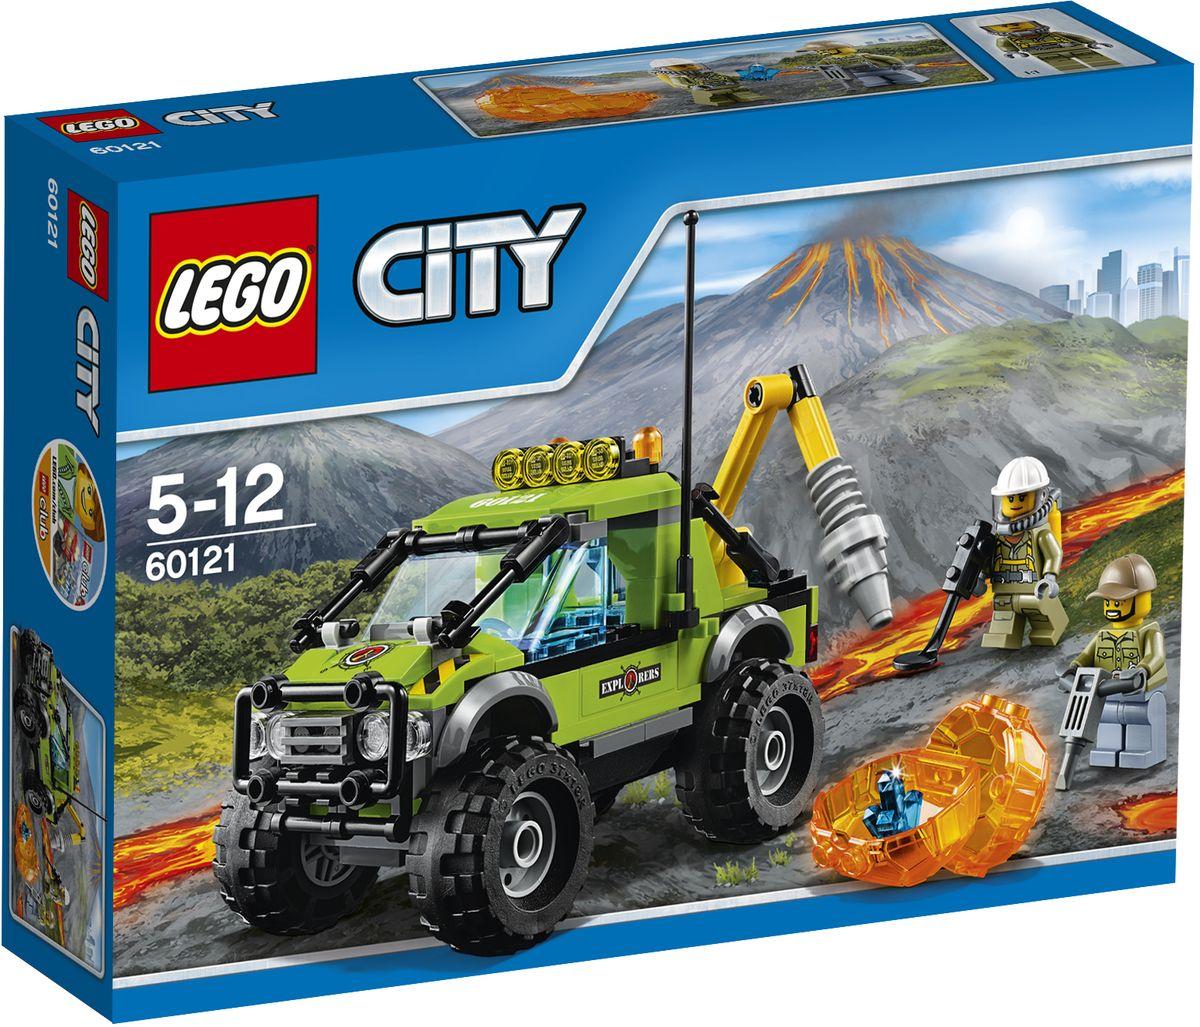 LEGO City Конструктор Грузовик исследователей вулканов 6012160121Садитесь за руль вездехода геологоразведки и отправляйтесь к вулкану! Переместите валун, затем разбейте его с помощью бура. Смотрите - внутри находится кристалл! Поместите его в багажник вездехода и возвращайтесь в лабораторию, чтобы внимательно изучить. Набор включает в себя 175 разноцветных элементов. Конструктор - это один из самых увлекательных и веселых способов времяпрепровождения. Ребенок сможет часами играть с конструктором, придумывая различные ситуации и истории.